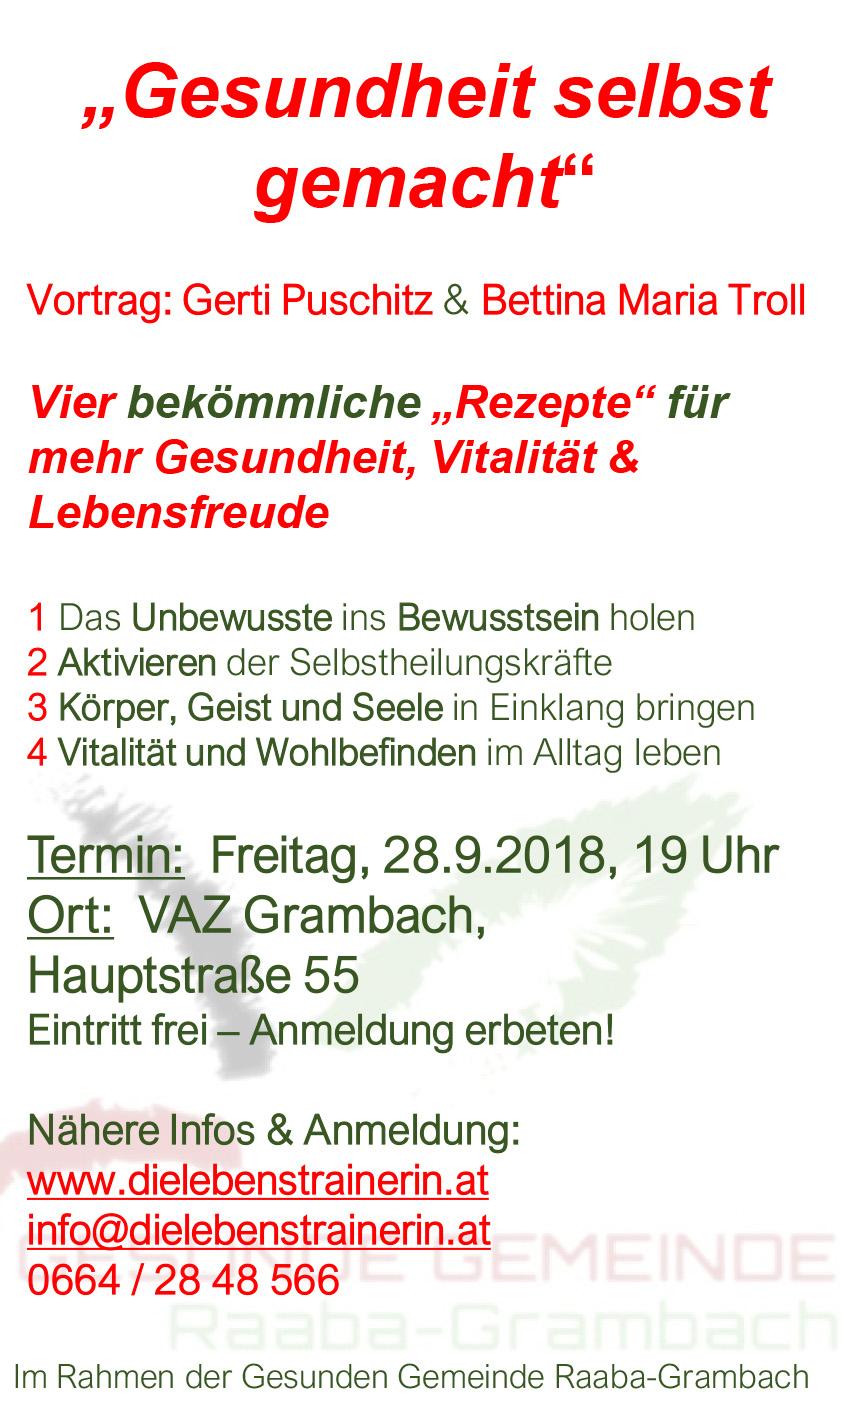 Gesunde Gemeinde - Raaba-Grambach